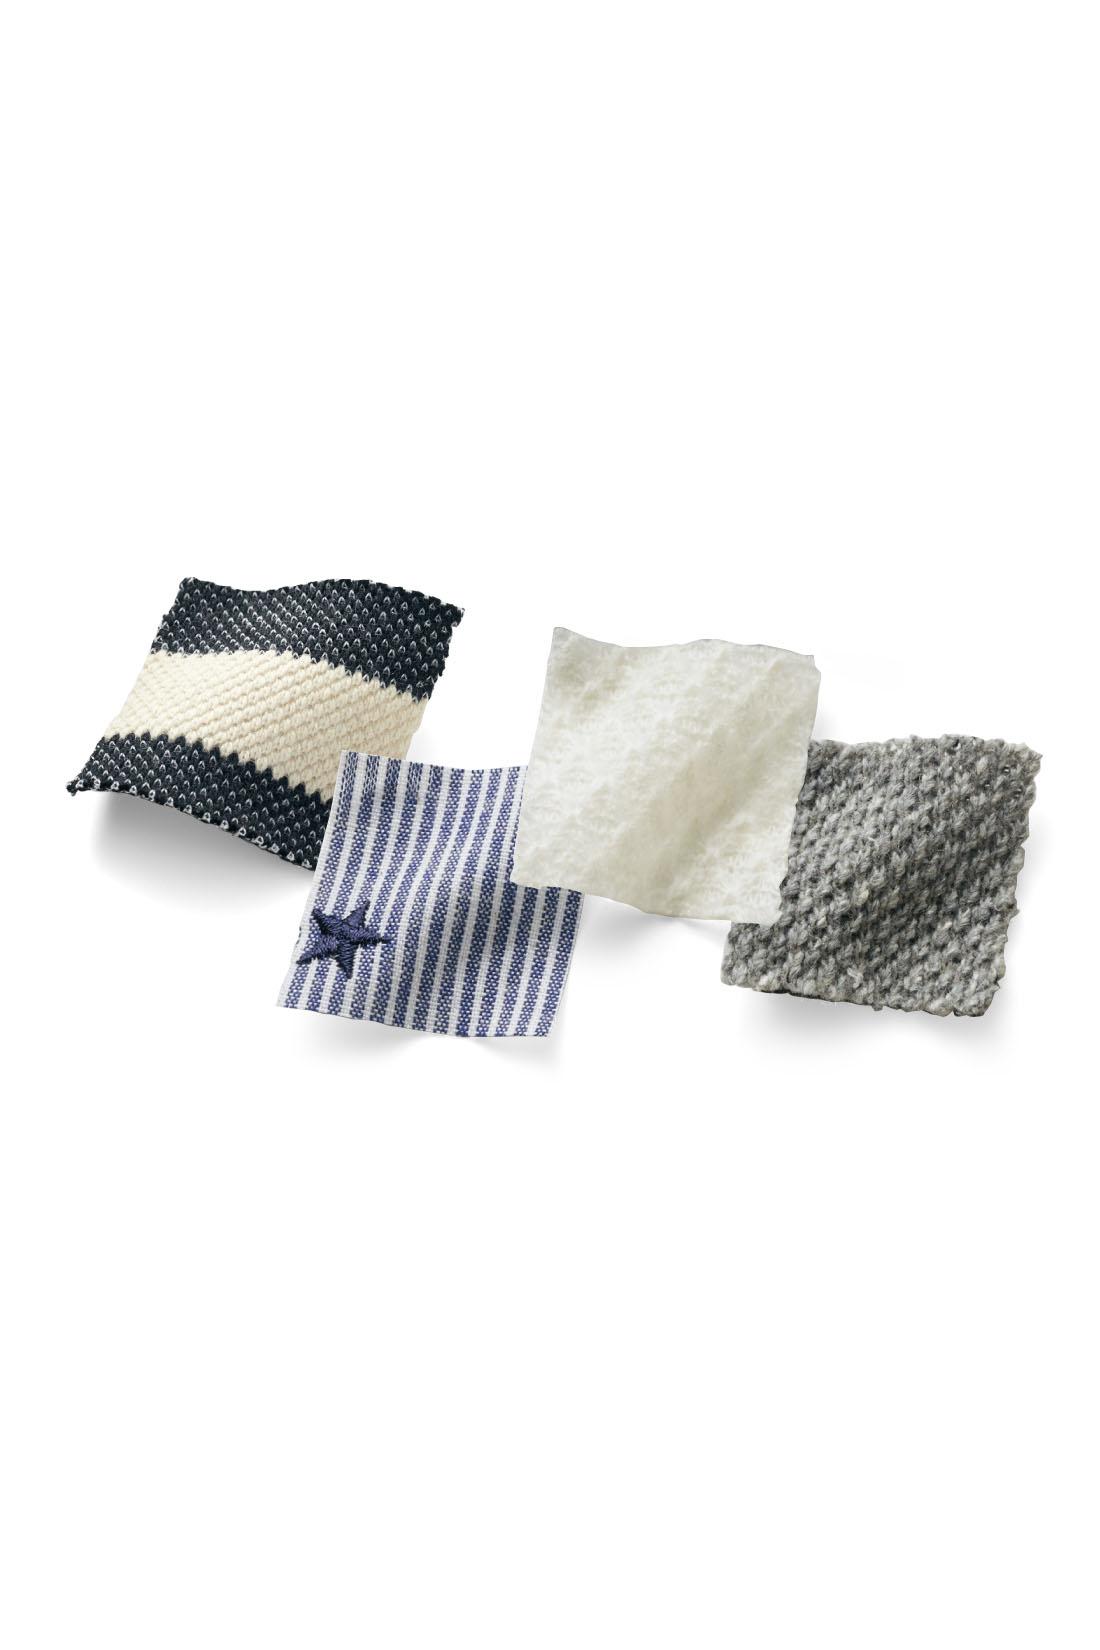 ボーダーや織り柄など、バリエーション豊かにお届けします。